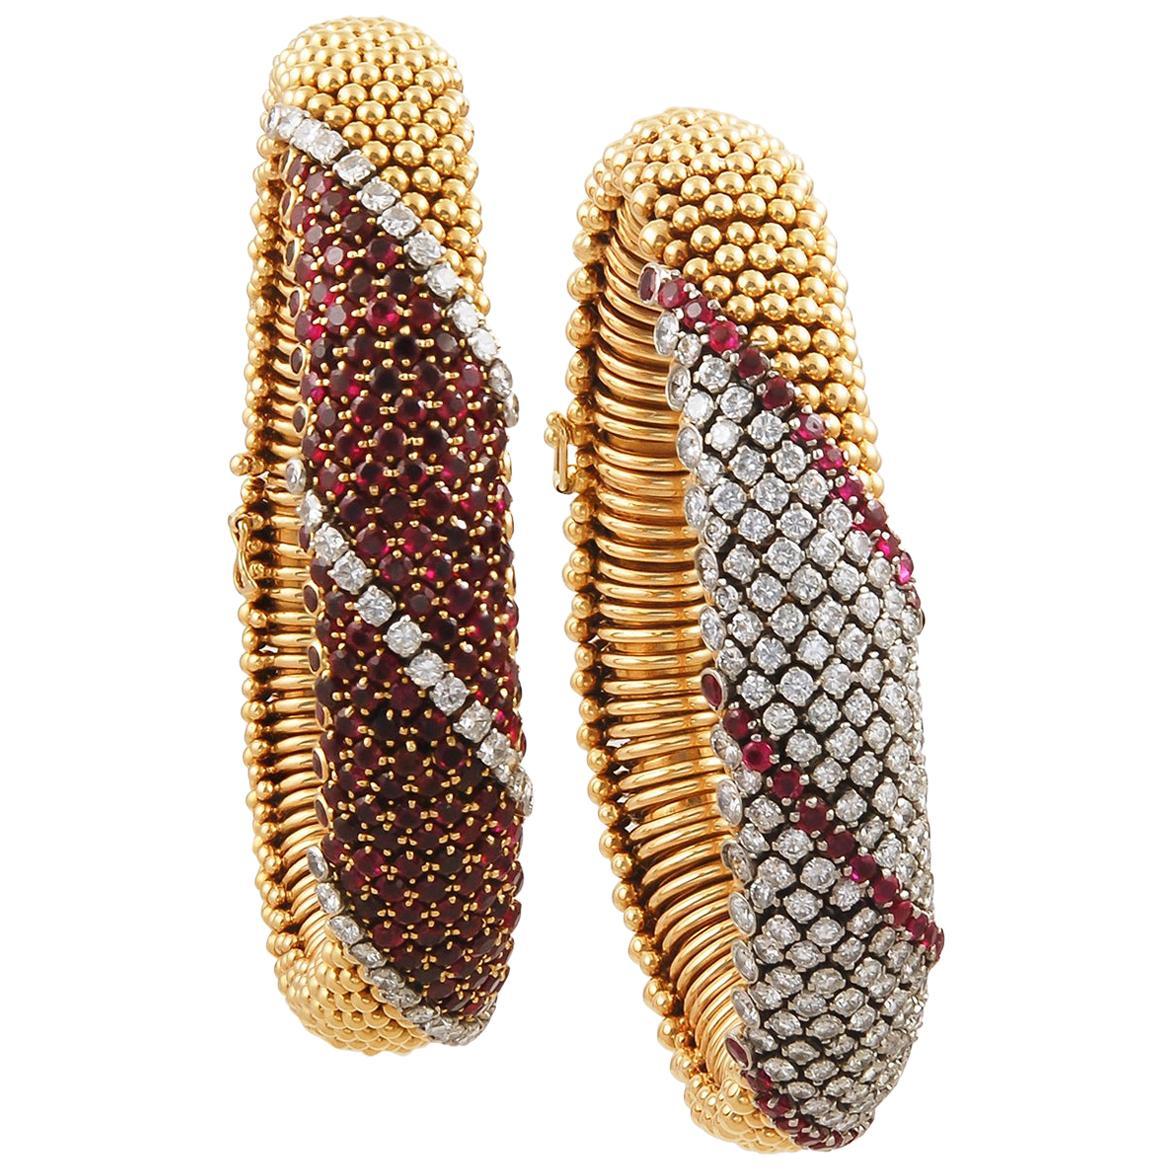 Van Cleef & Arpels Province Bombe Bracelet Pair